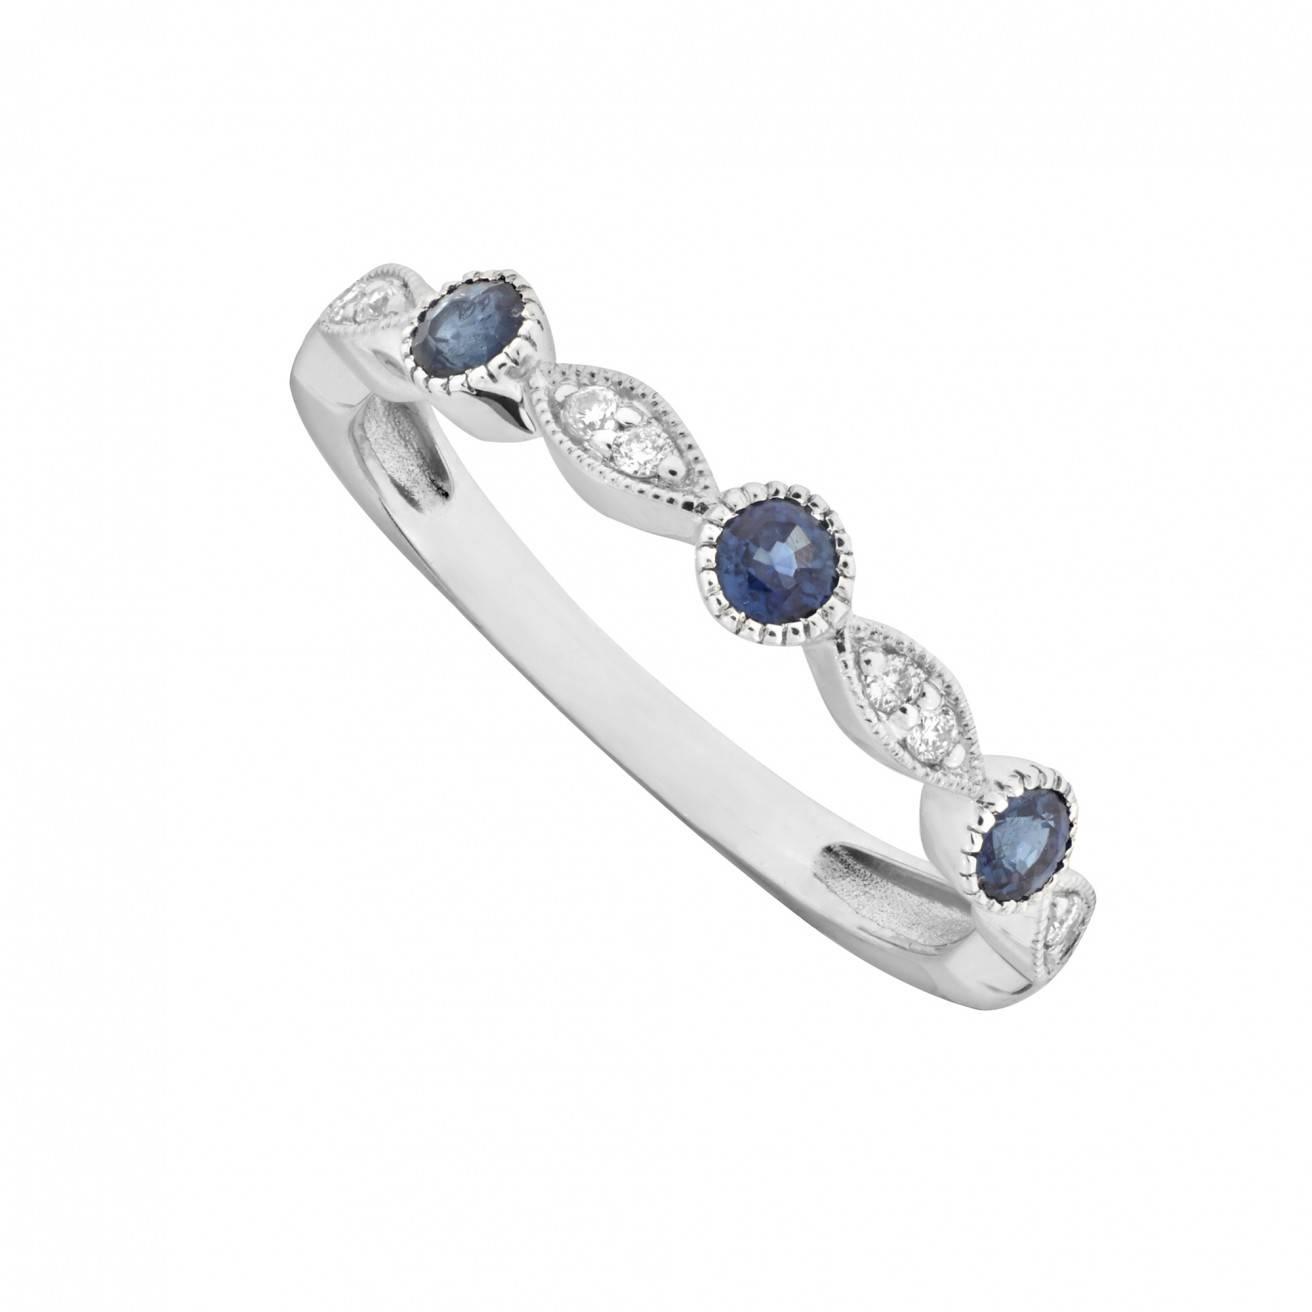 Rings : Eternity Ring Diamond Eternity Rings Sapphire Eternity Within 2018 Diamond And Sapphire Anniversary Rings (View 18 of 25)